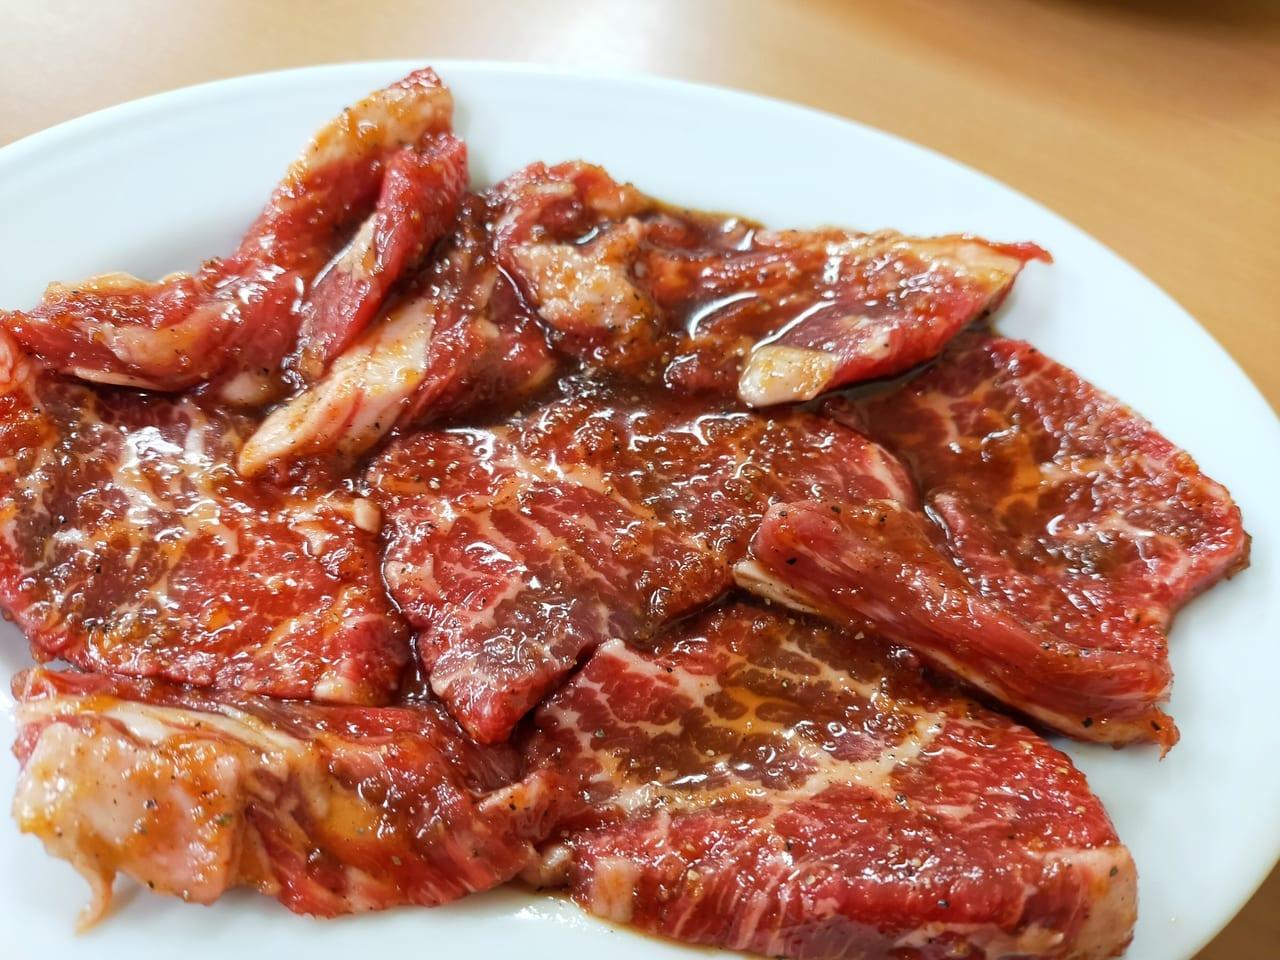 昭和レトロな店内で安くておいしい焼肉をお腹いっぱい食べられる人気店「美乃和」